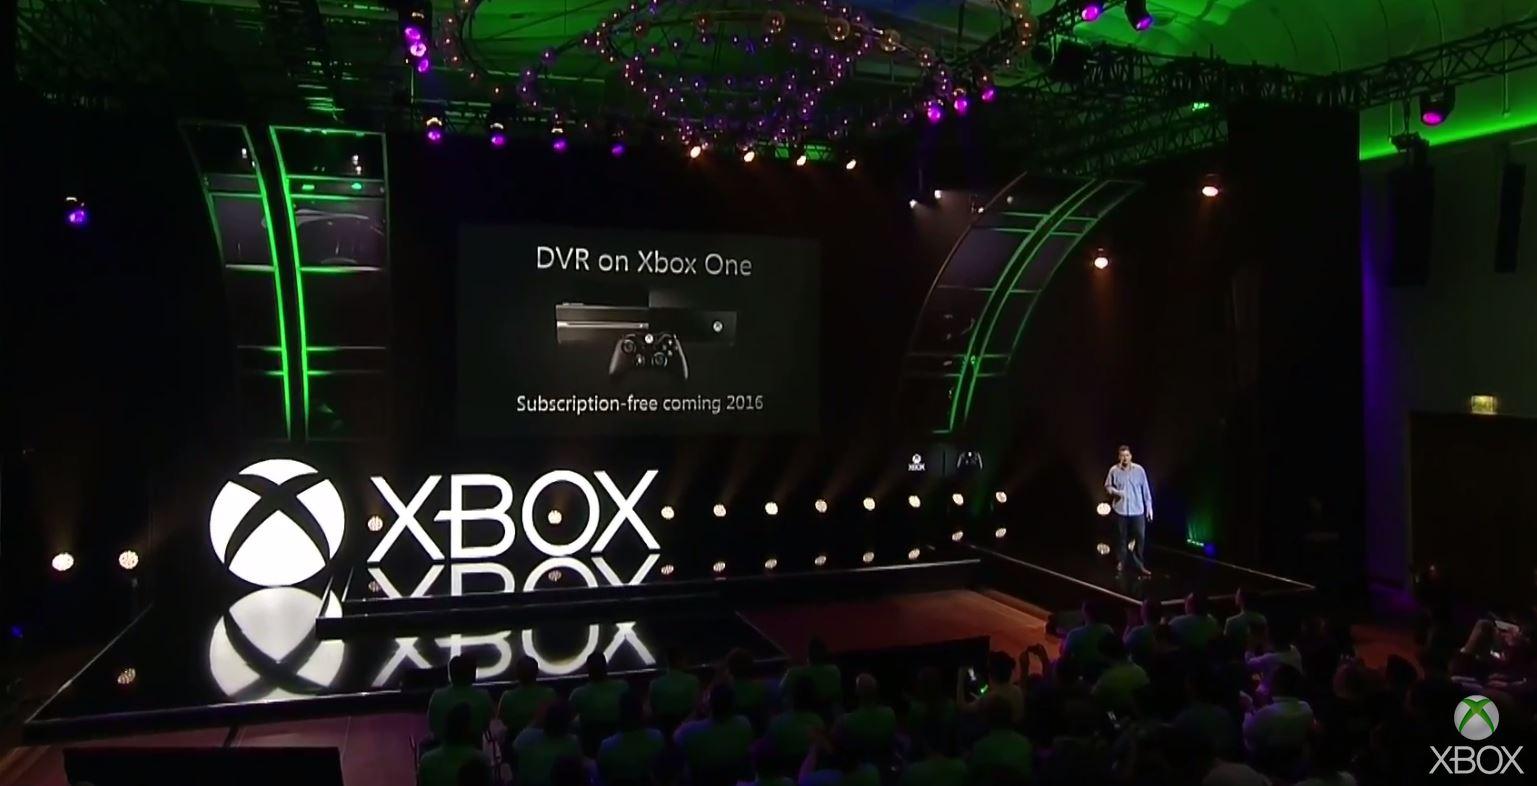 DVR Xbox One